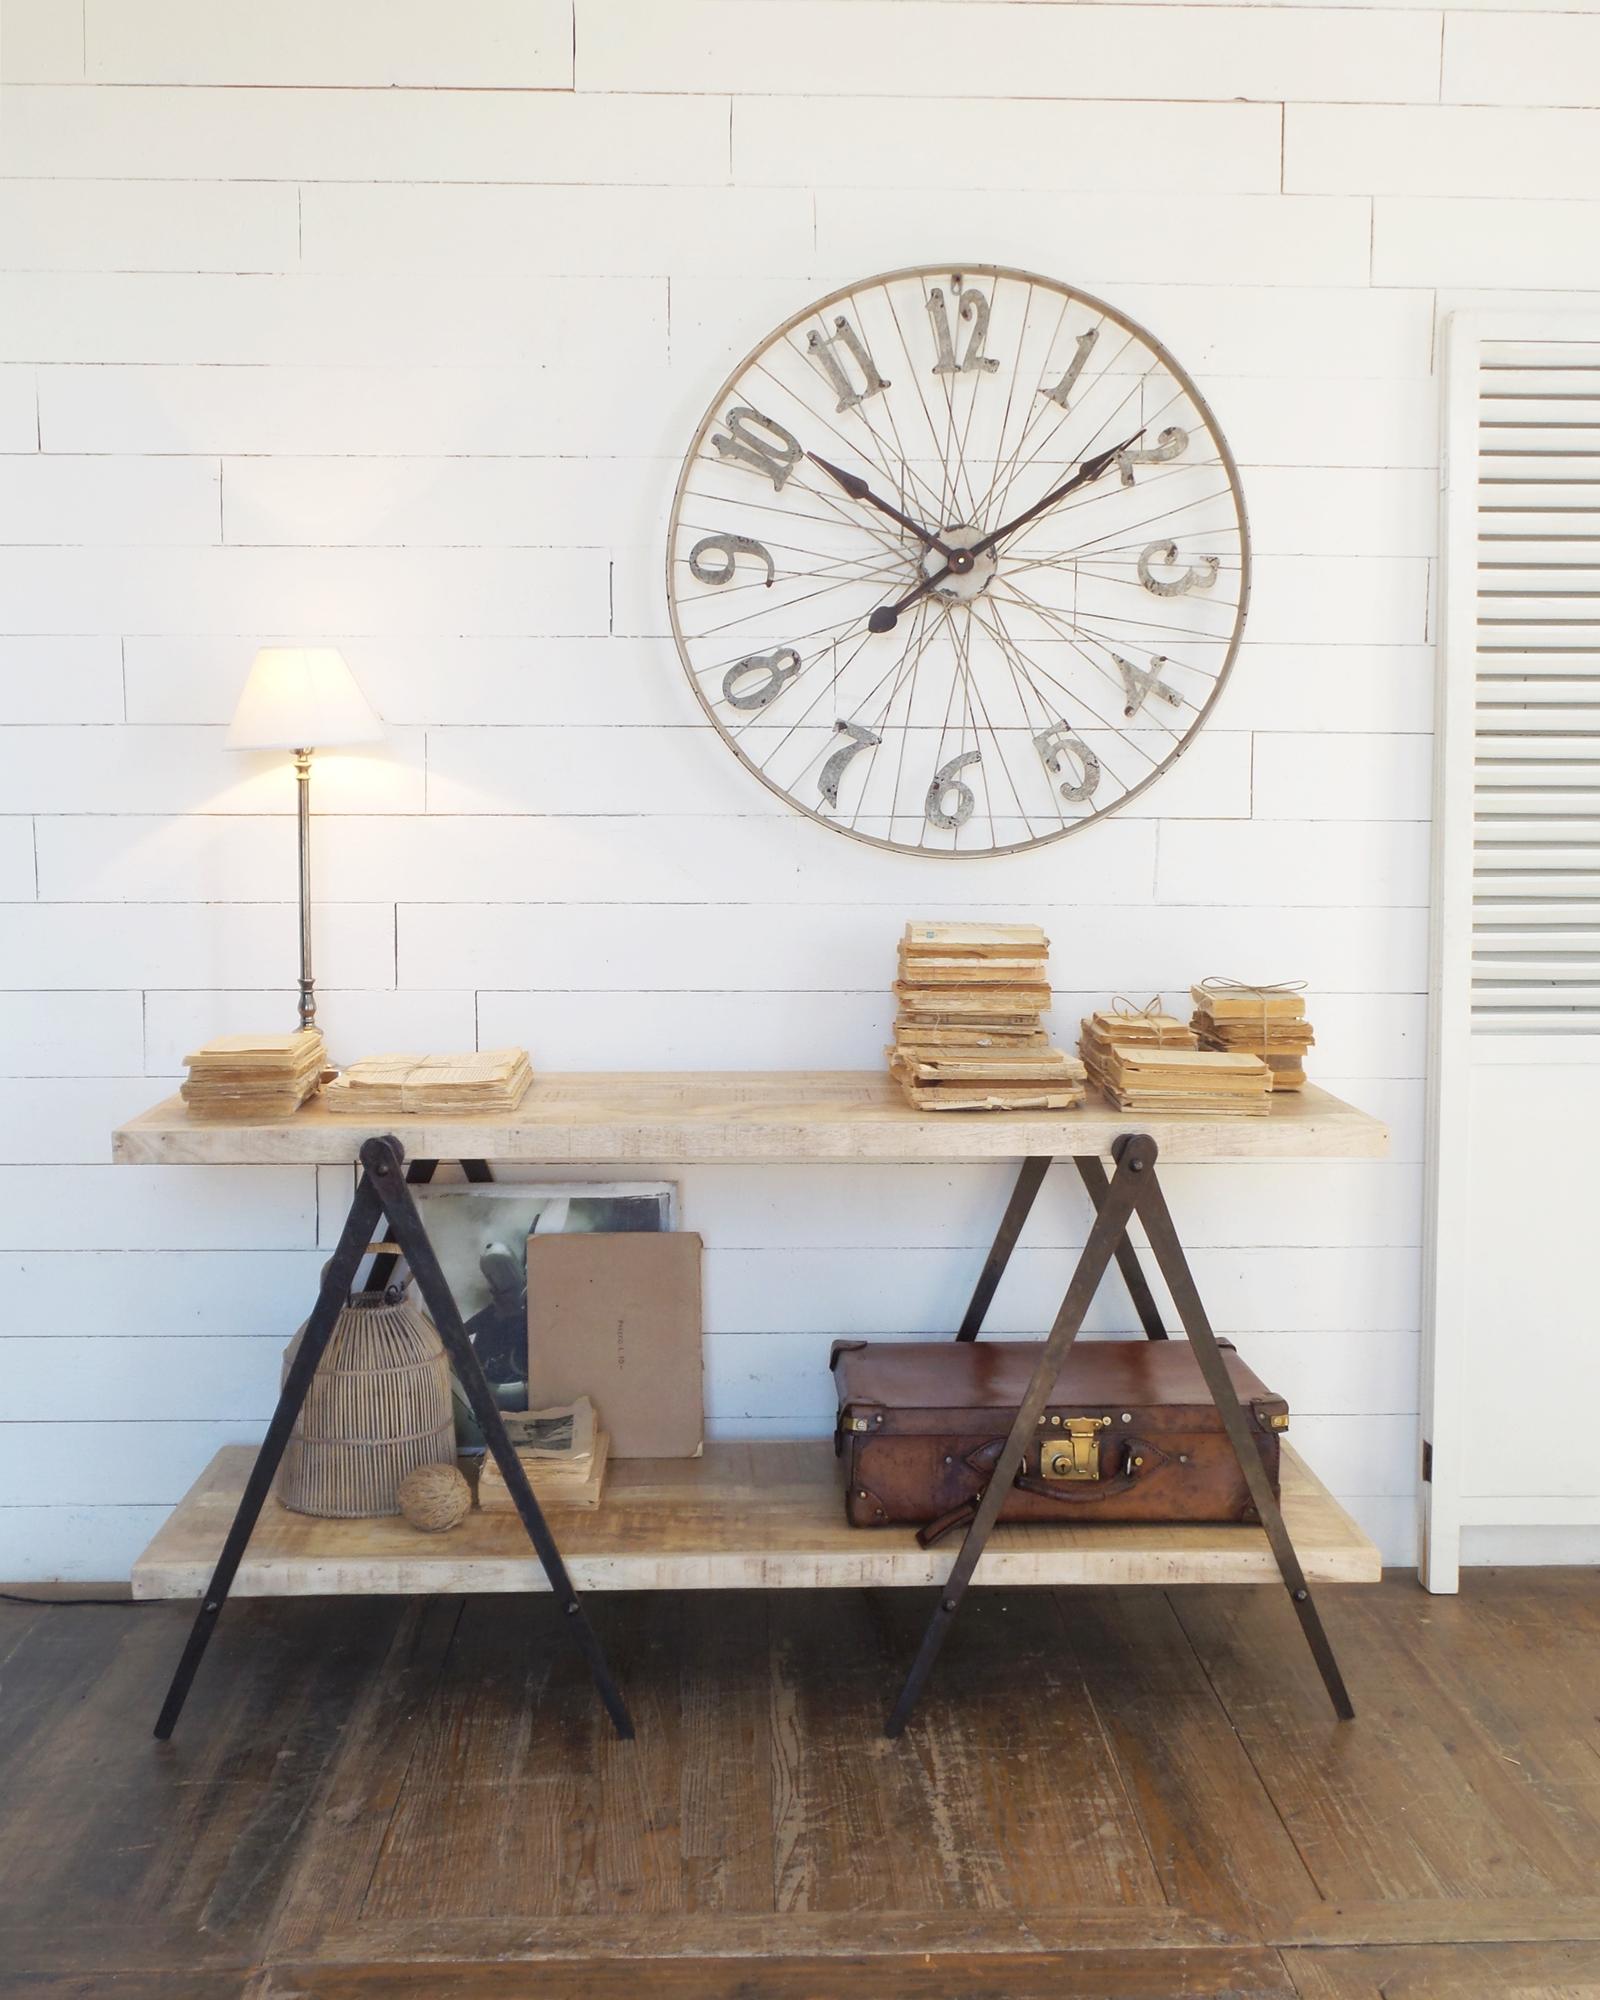 Consolle stile industrial legno di mango e ferro mobilia for Tavolo legno e ferro